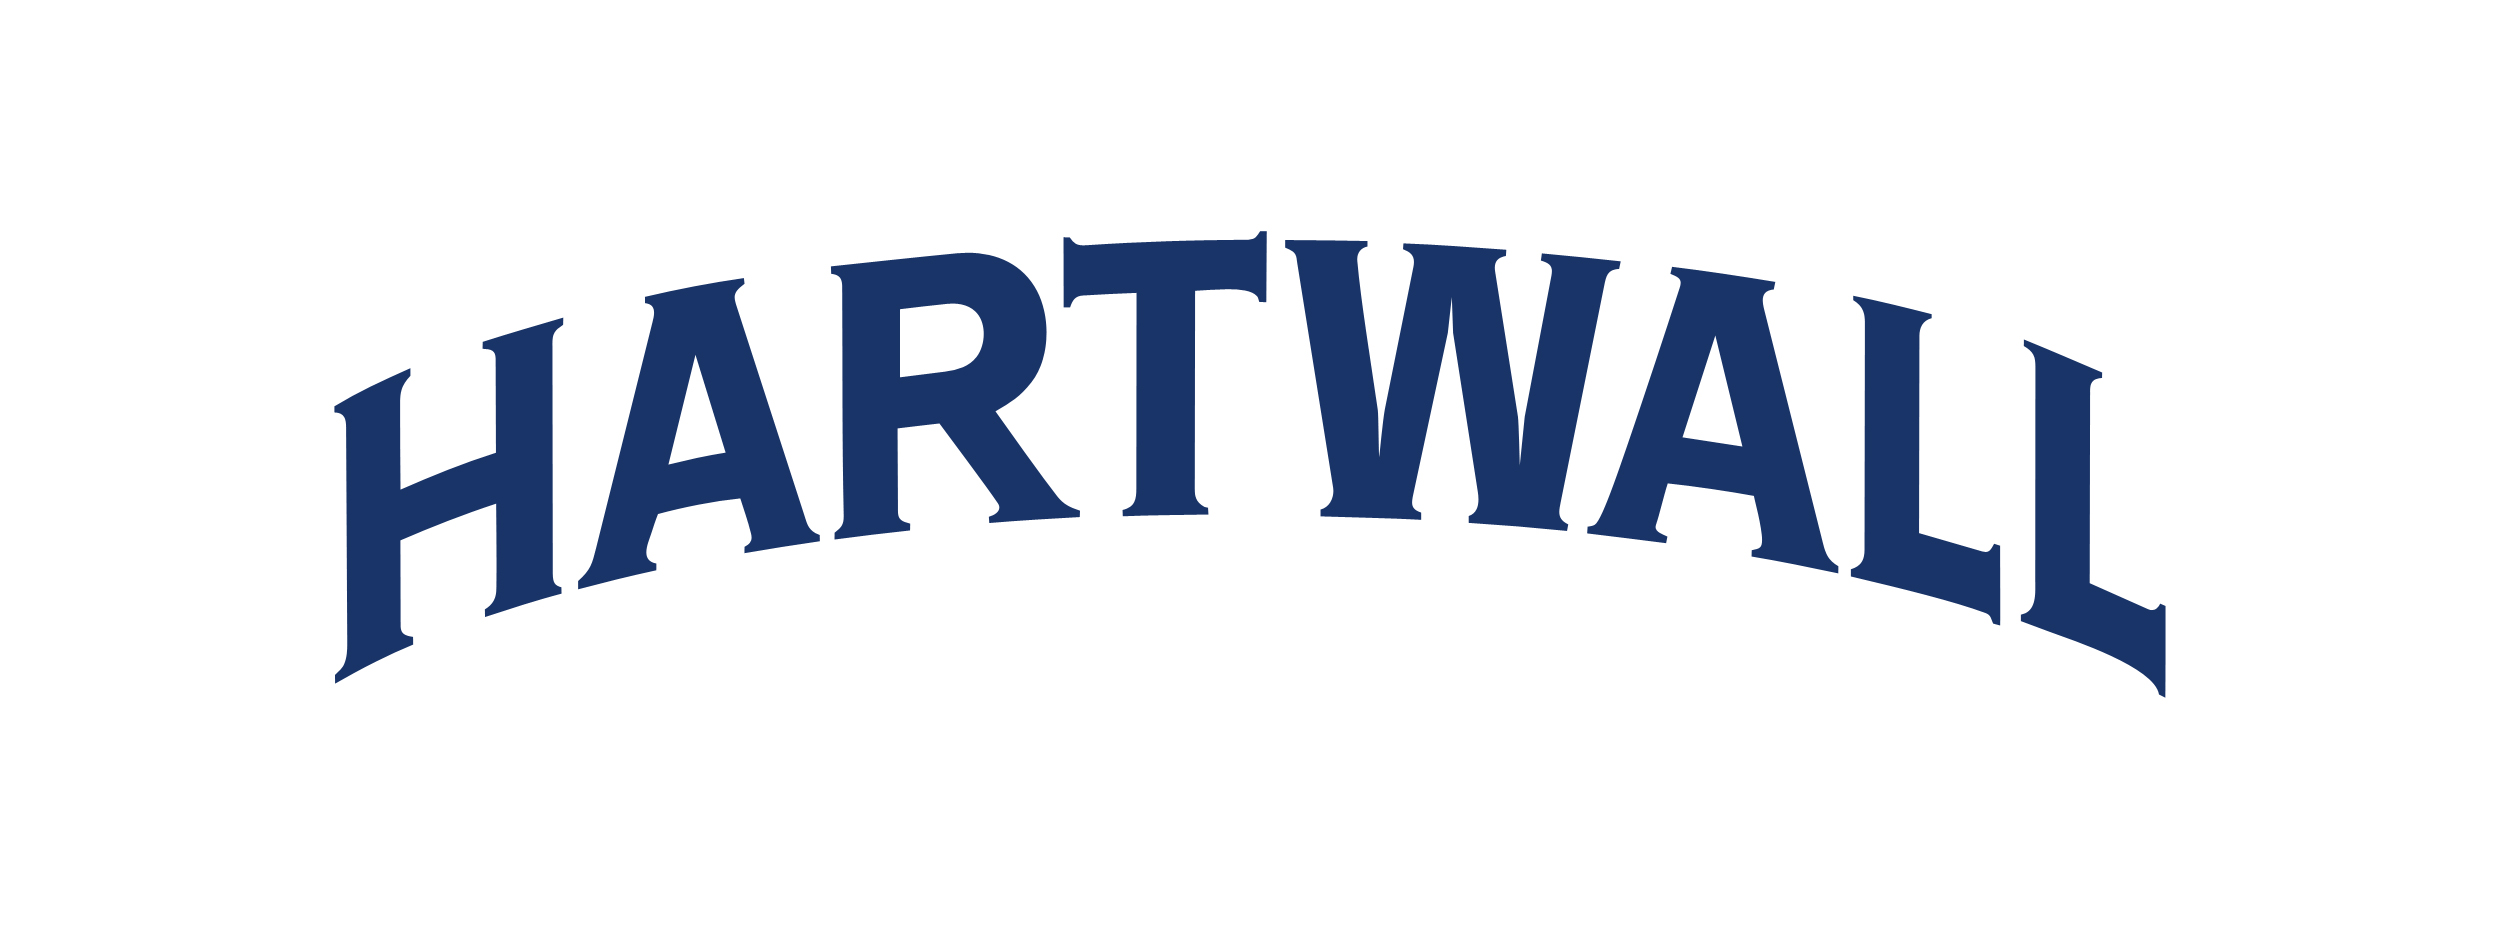 Oy Hartwall Ab logo